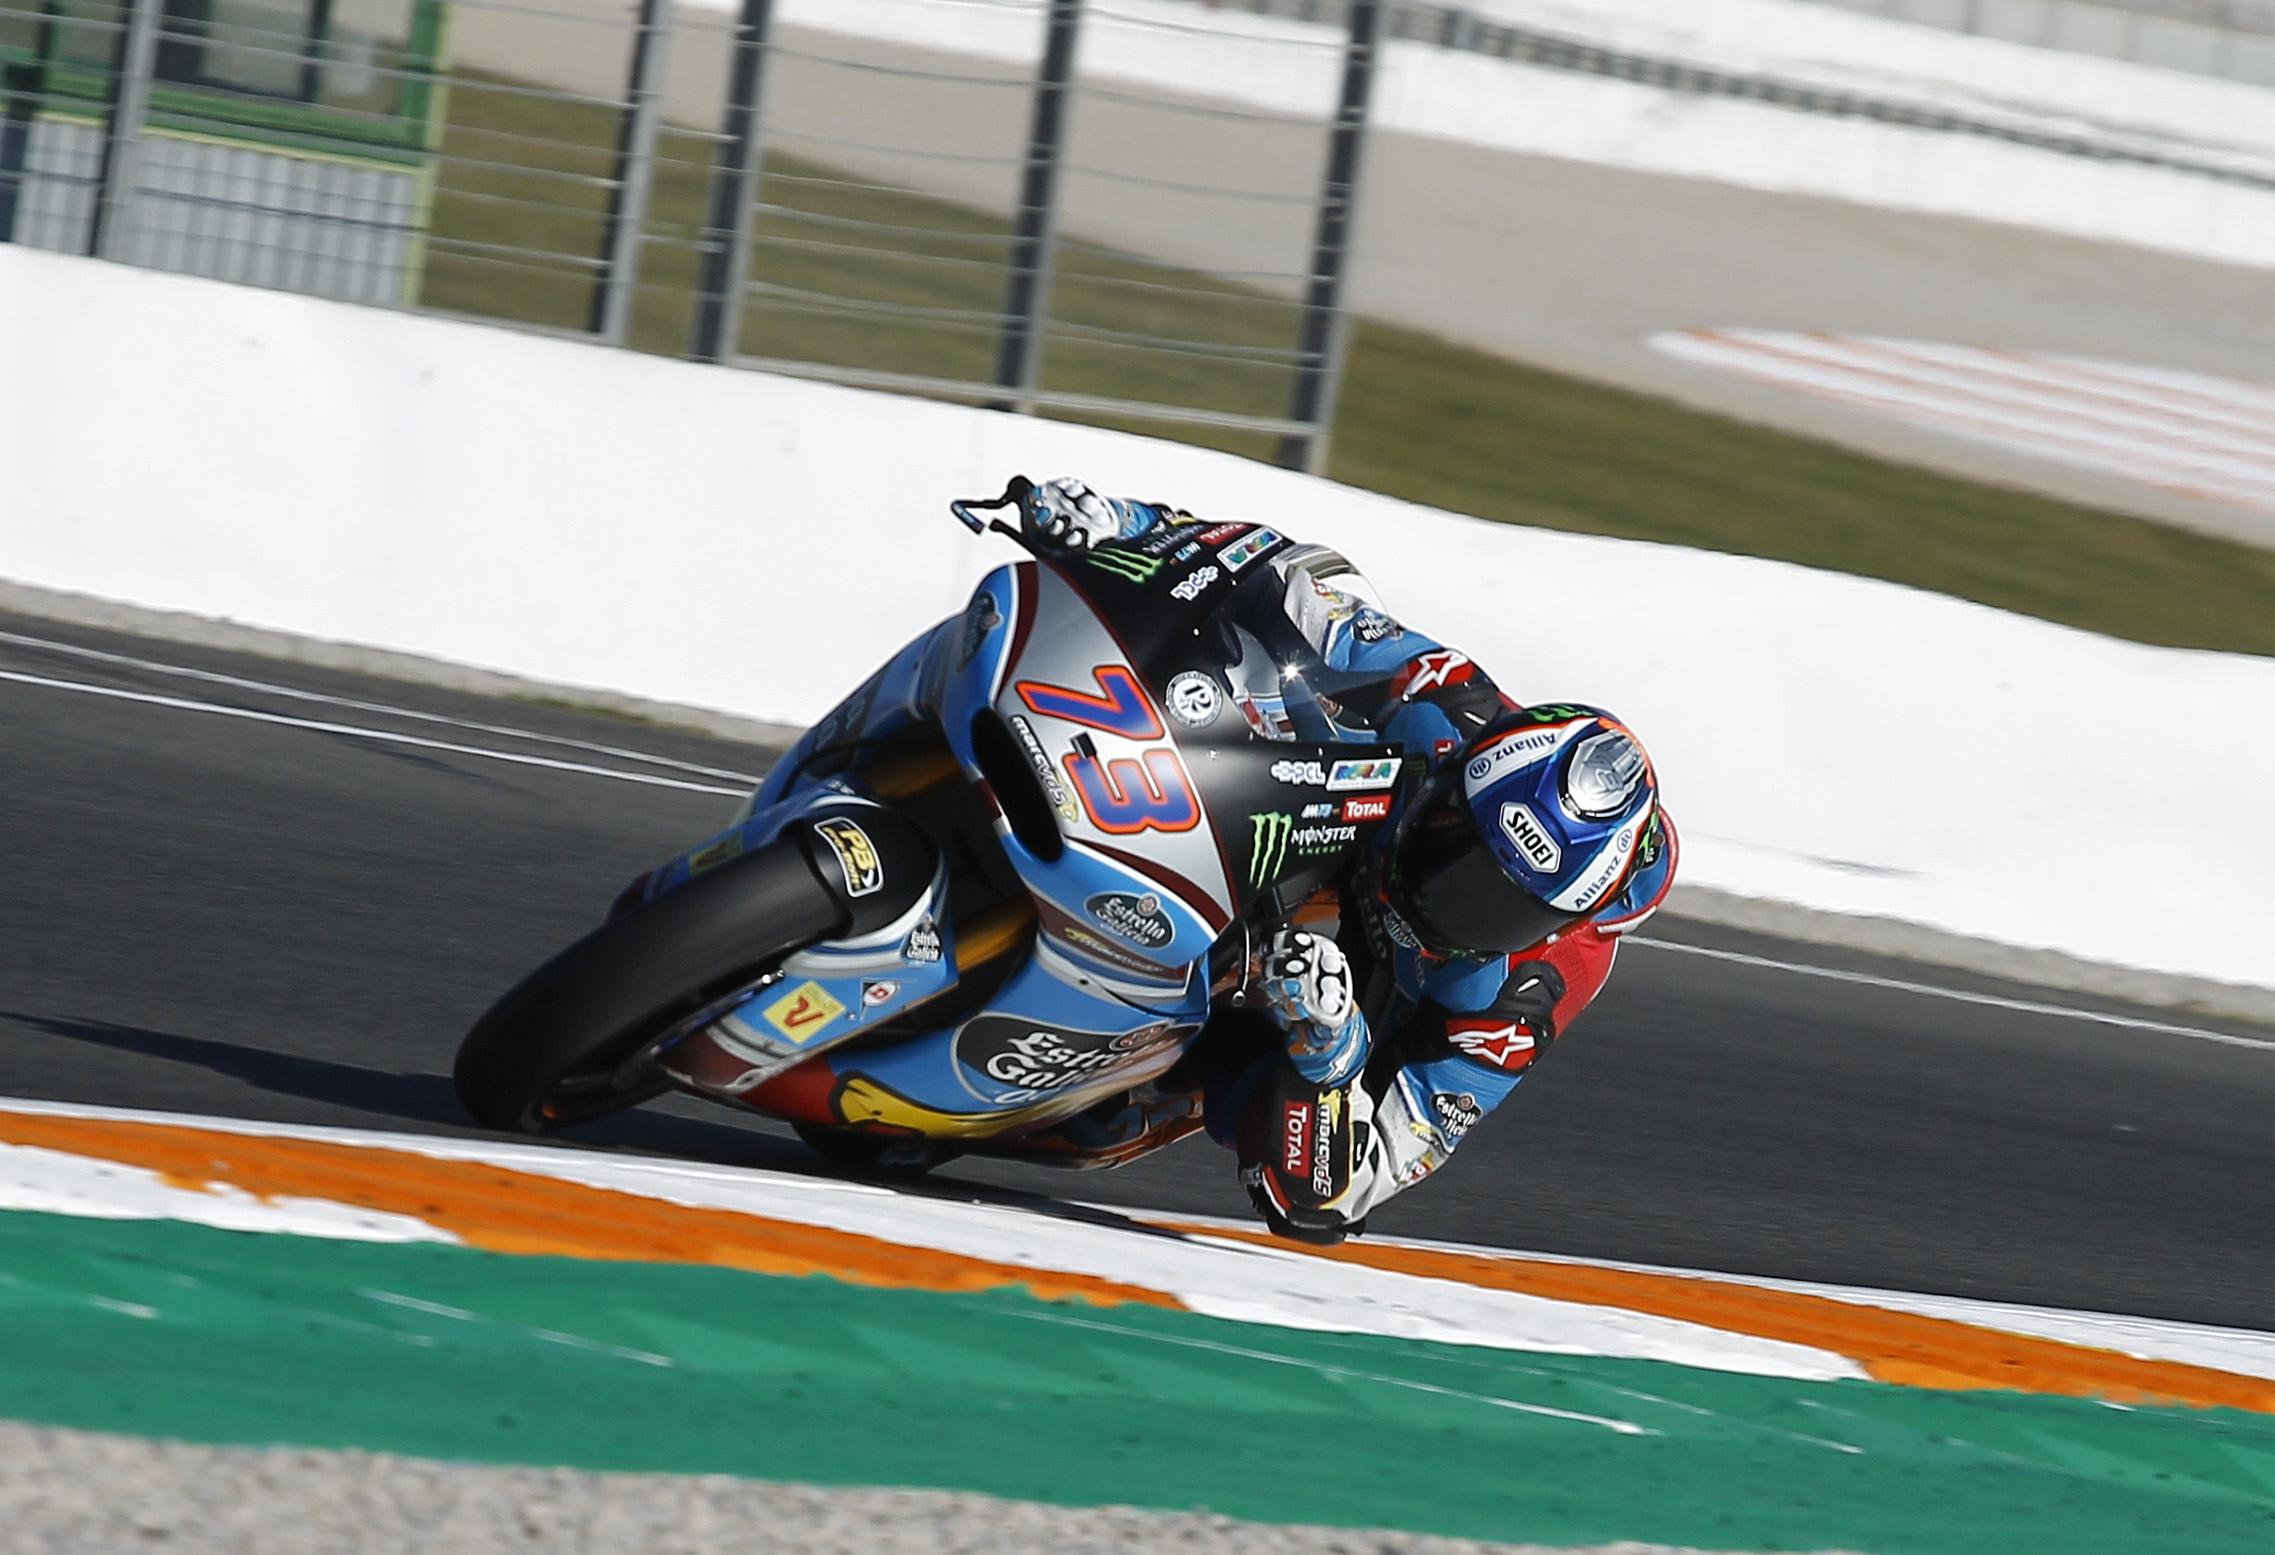 Alex Marquez rodando en el Circuito de Cheste.